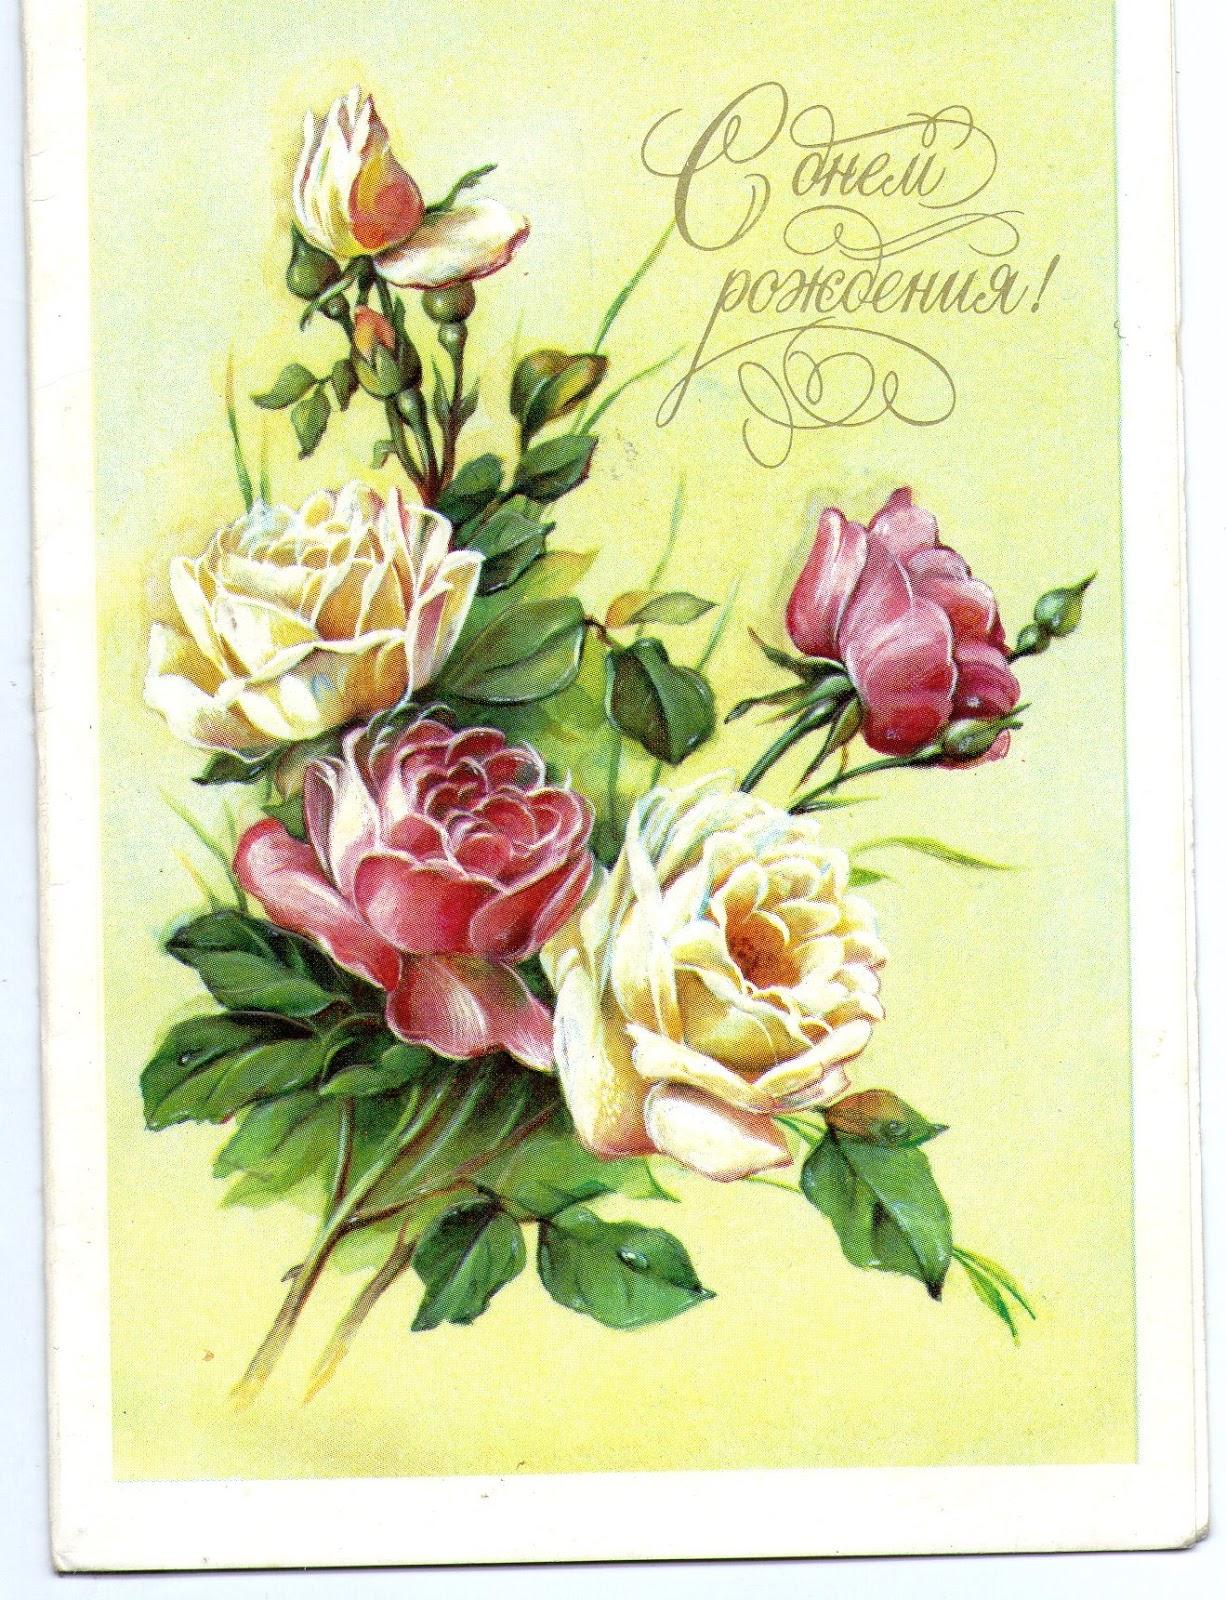 Поздравления к свадьбе открытка